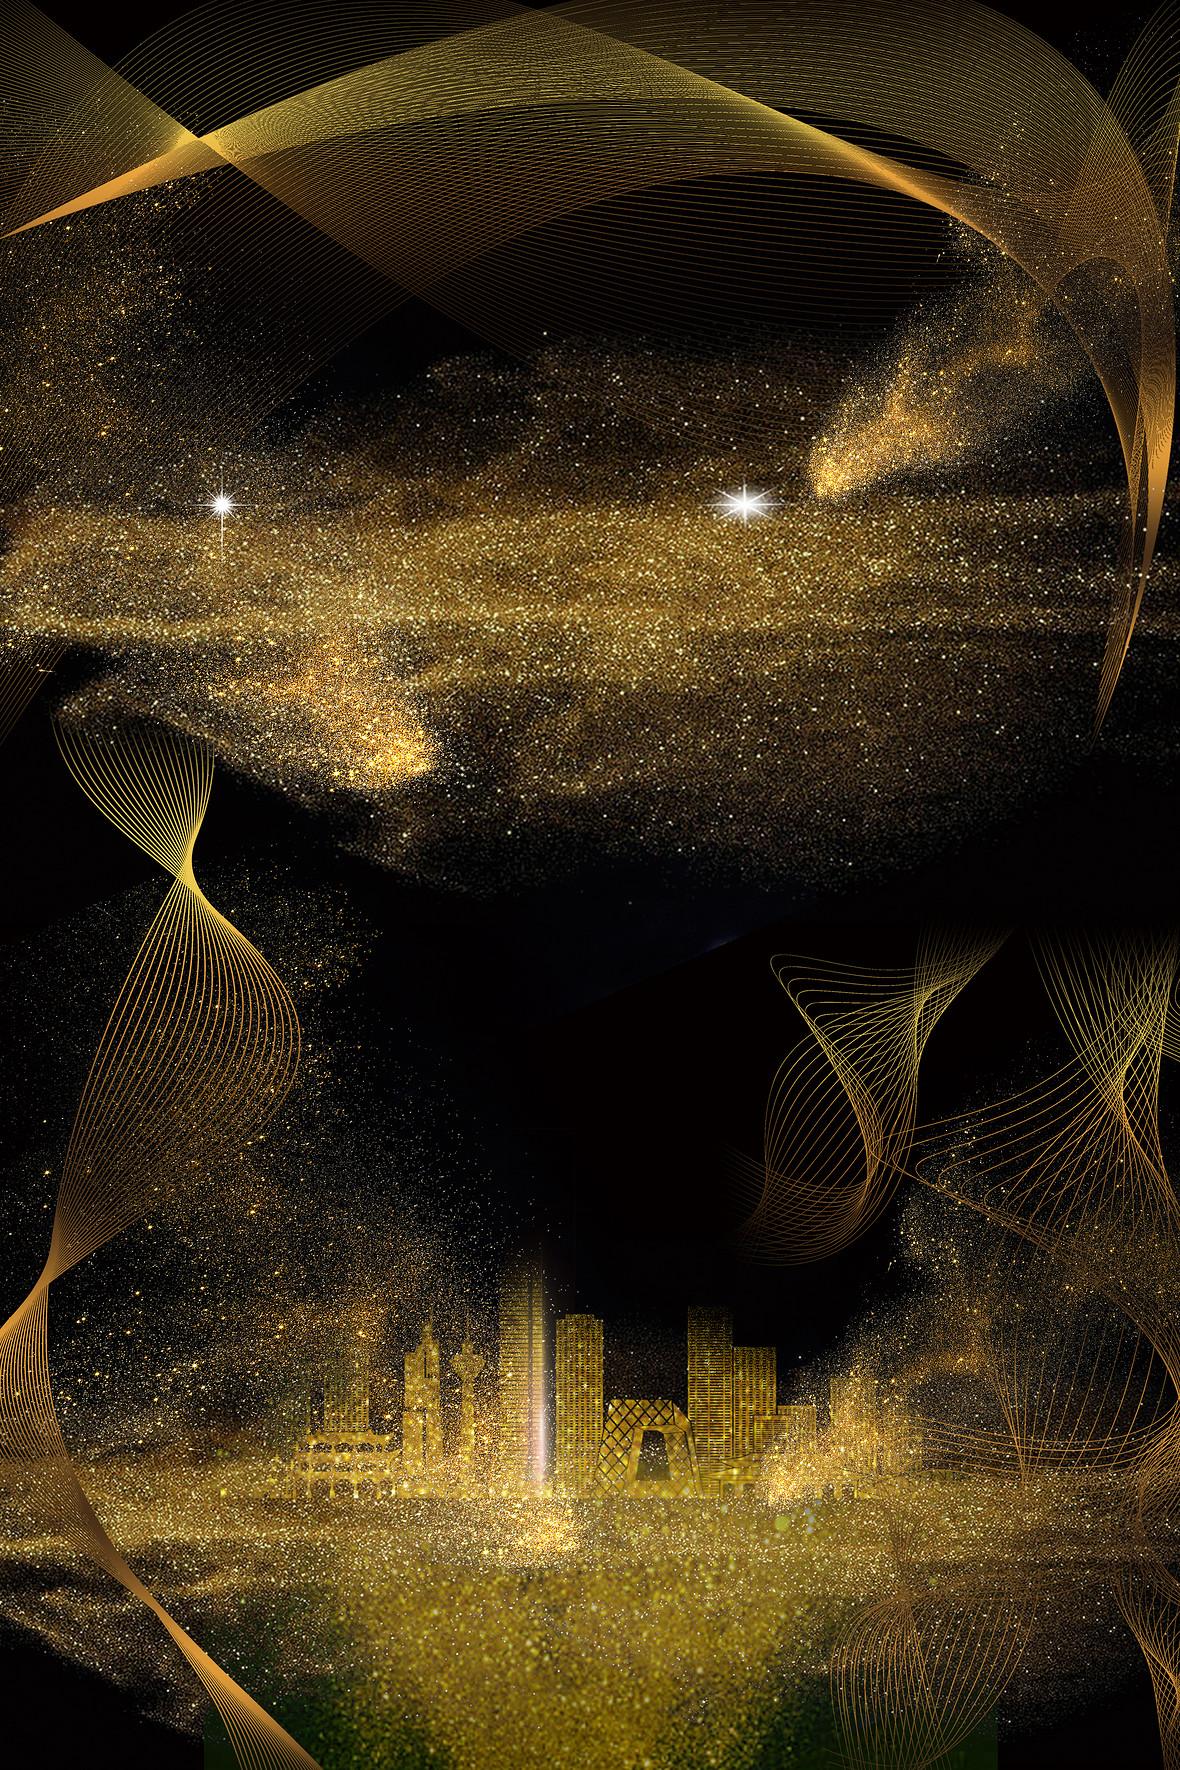 黑色炫酷金色华丽地产海报背景素材